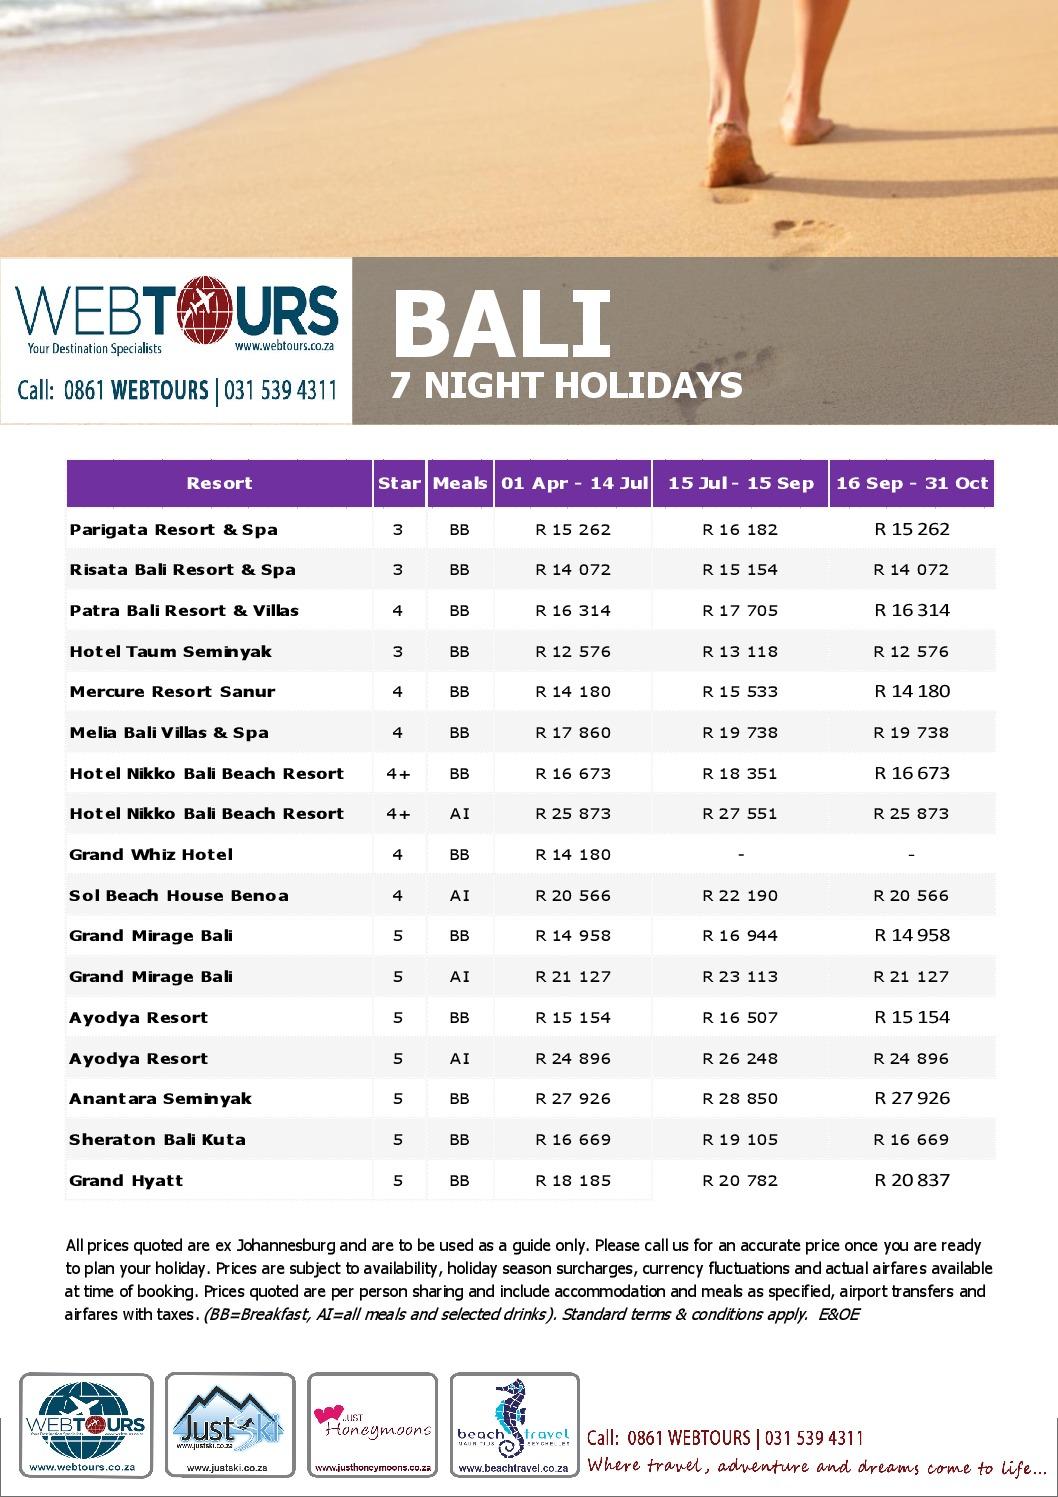 7 Nights Bali, Valid until 15 Sep '18